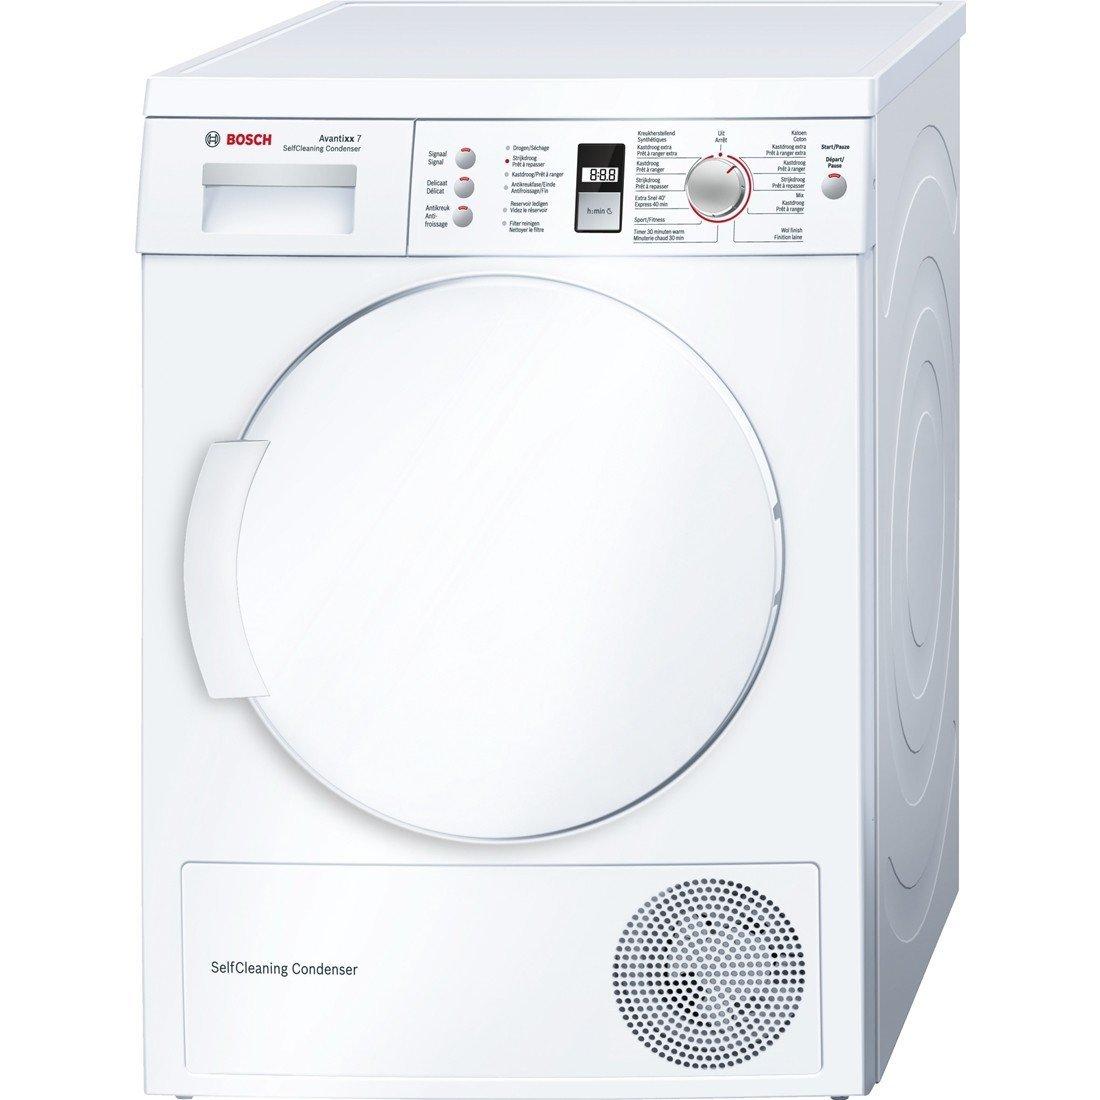 séche-linge Bosch wtw84371 Bomba de calor a + +: Amazon.es ...